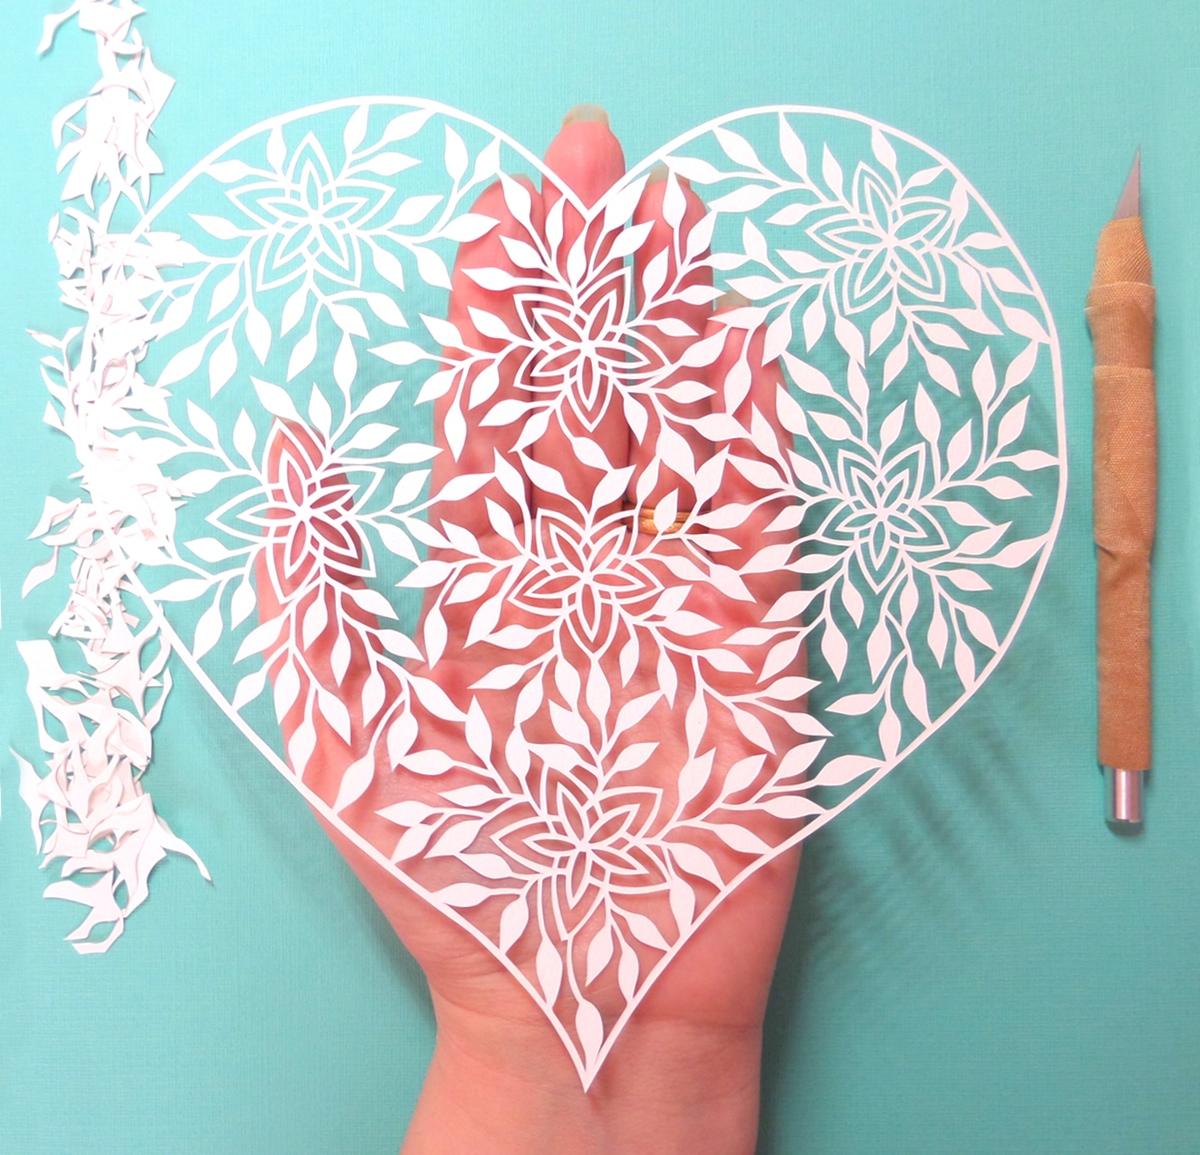 papercut heart, floral papercut, gemma esprey, papercutting, papercut artist, uk